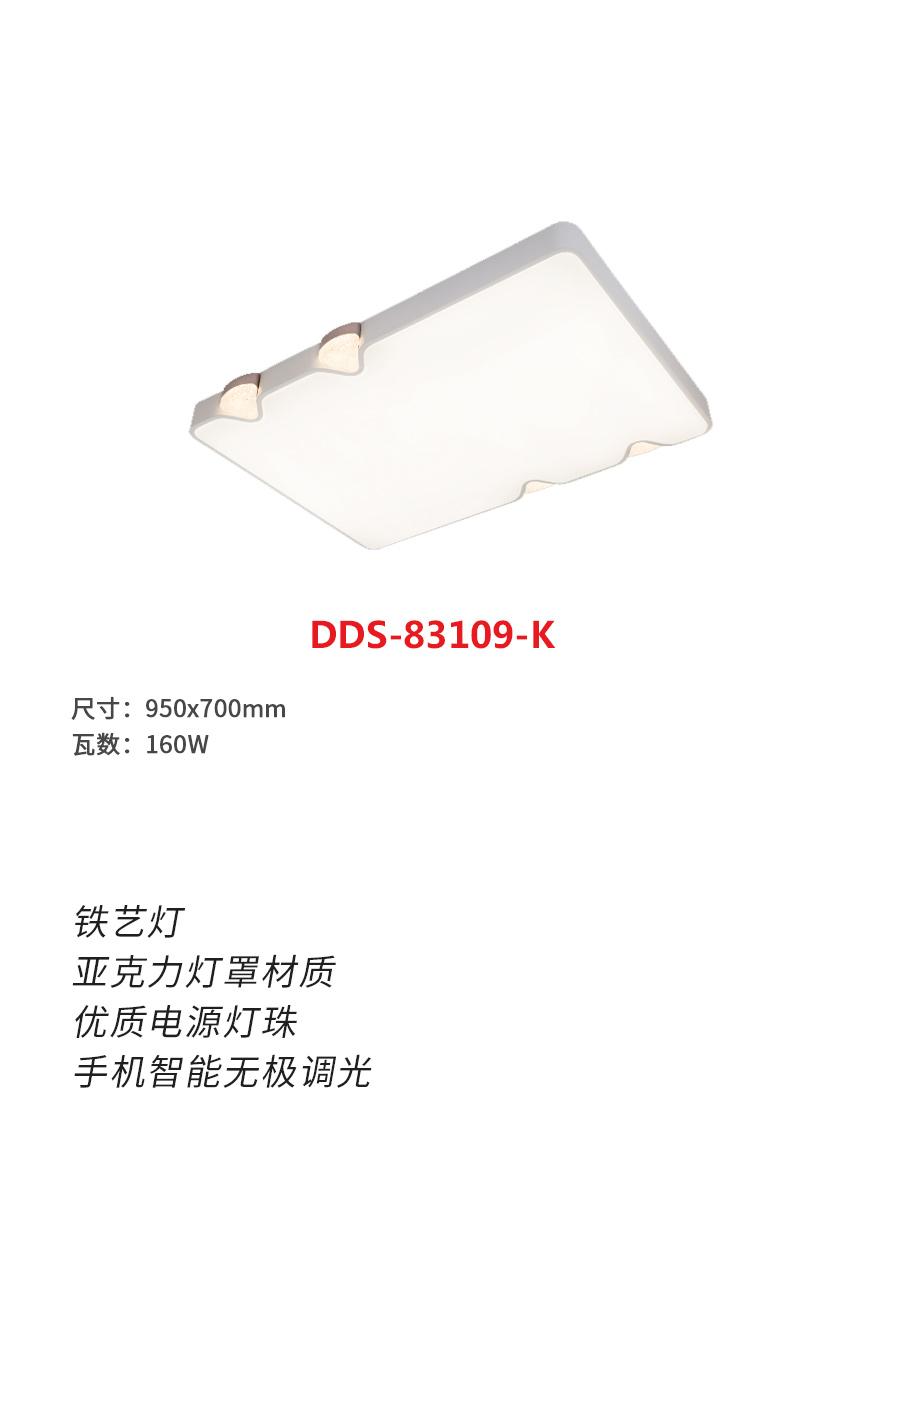 DDS-83109-kb.jpg